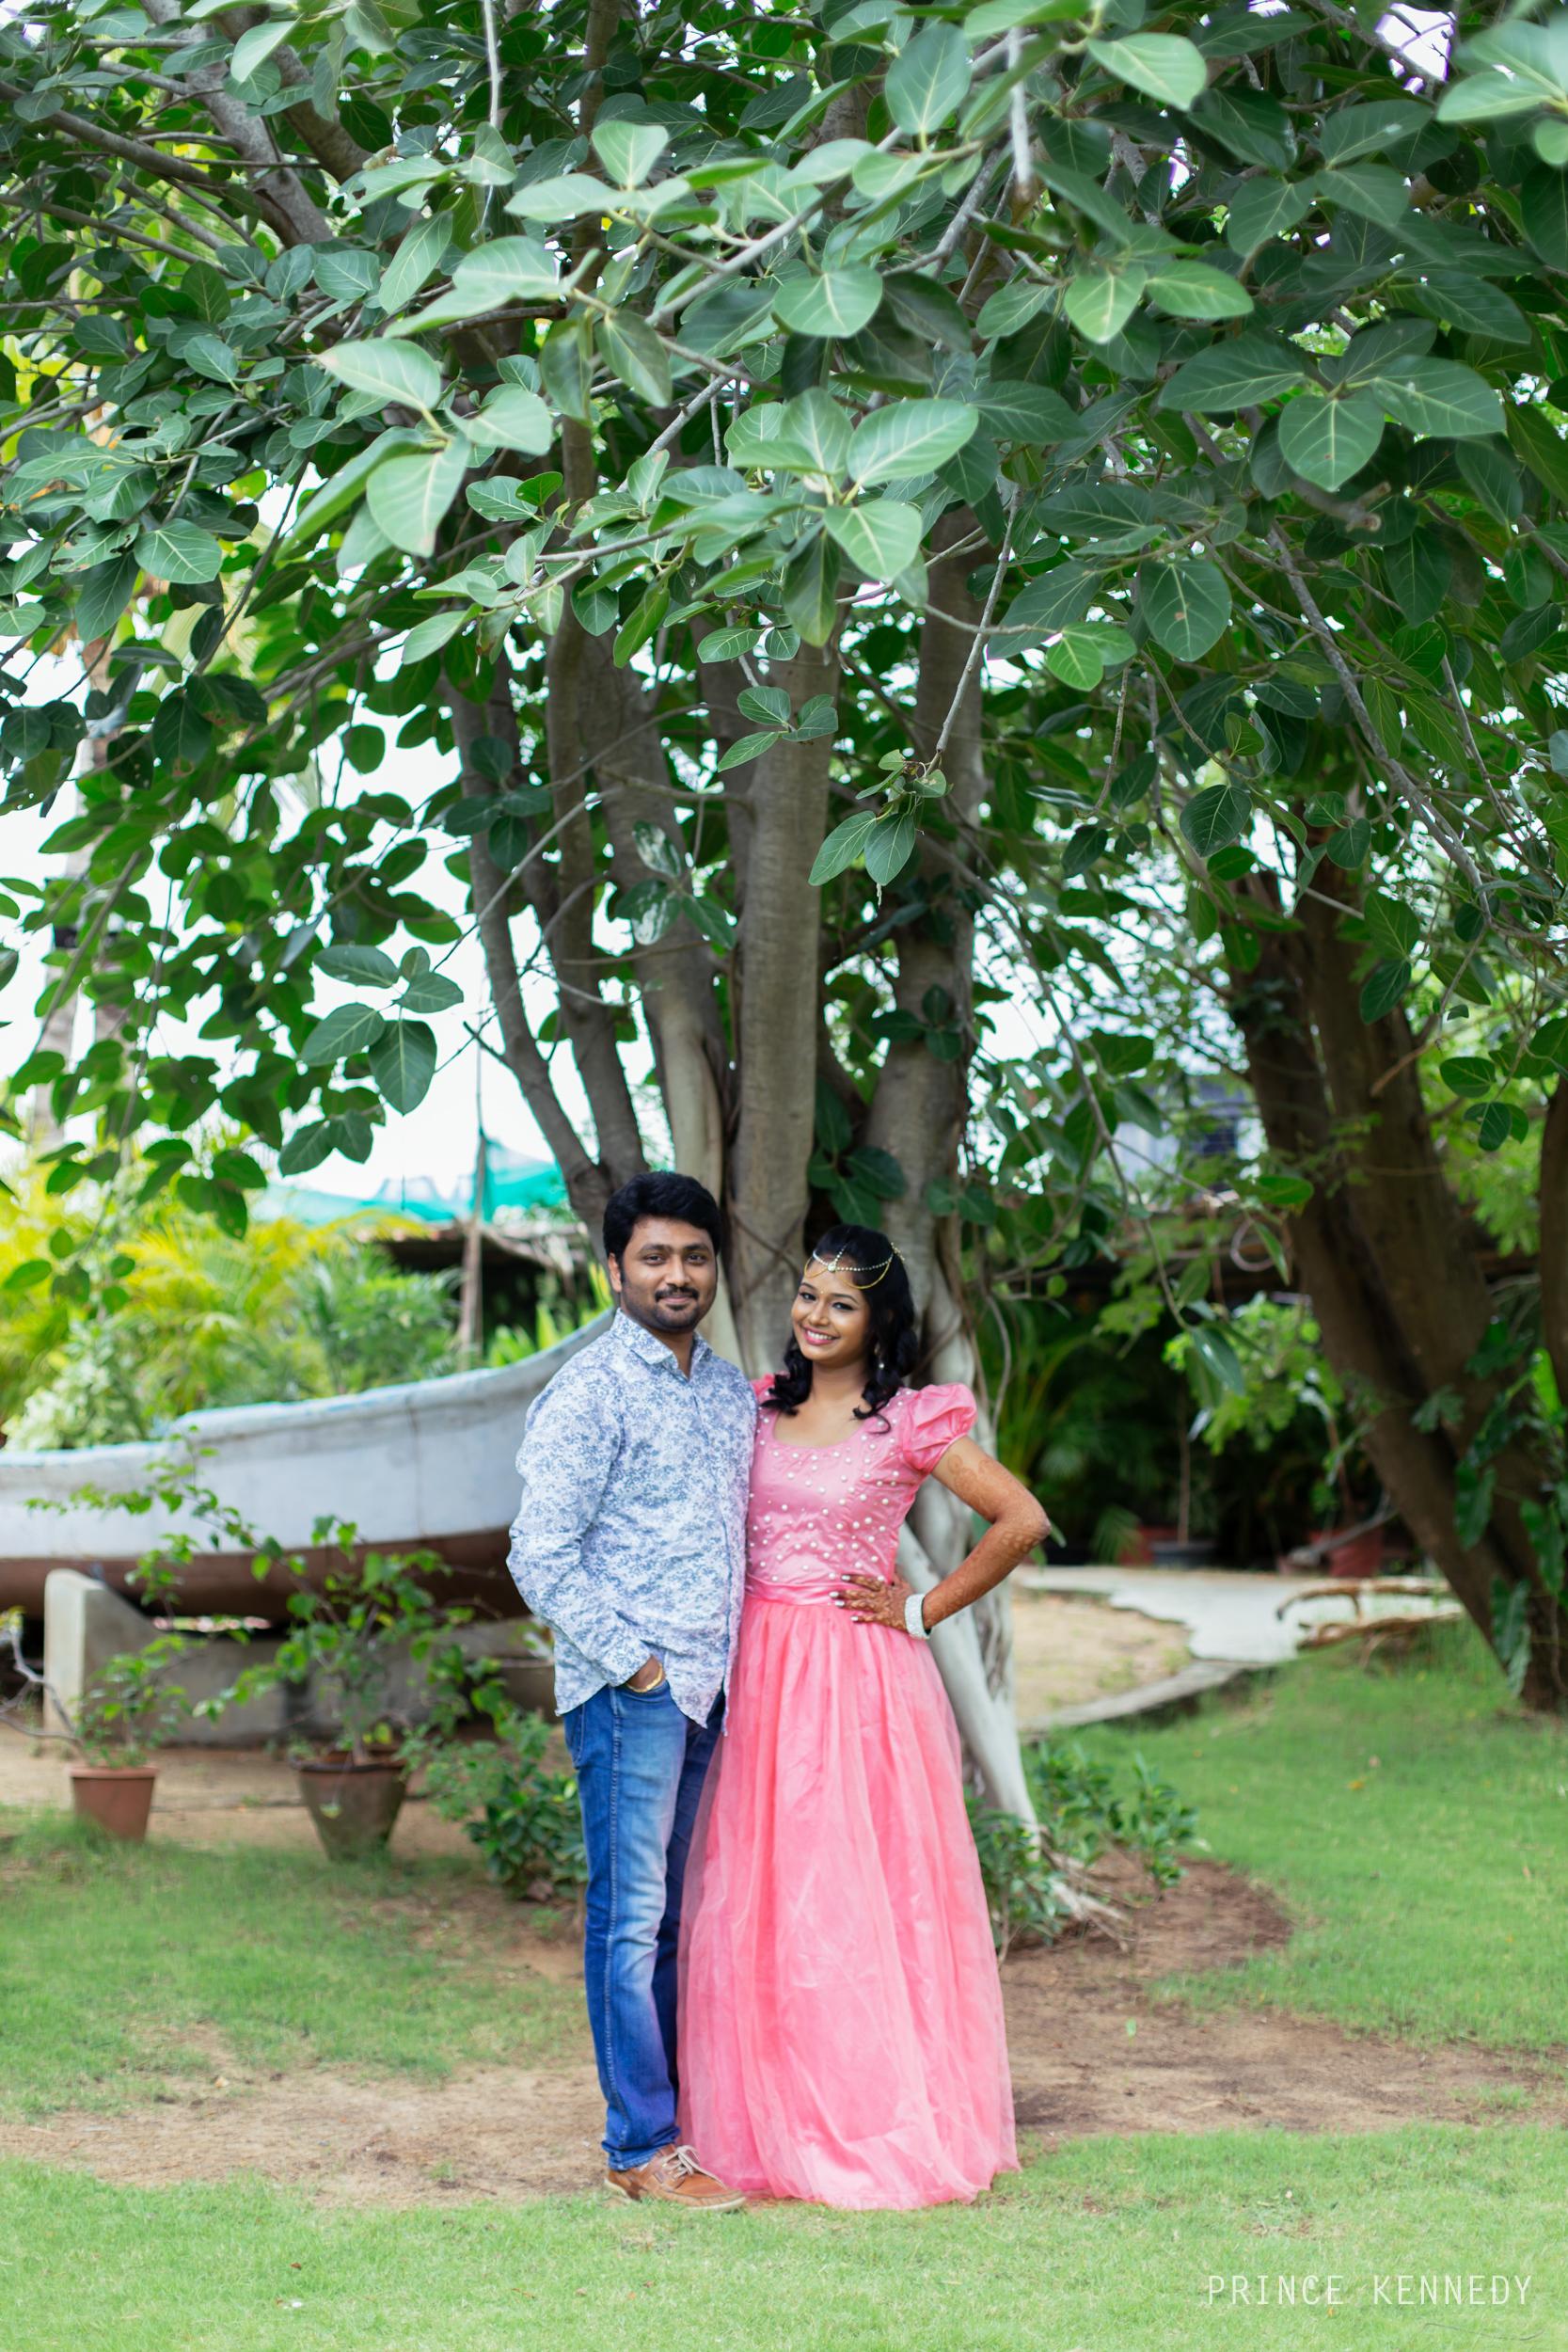 Engagement-Couple-Portrait-Portraiture-Wedding-Couple-Portrait-Chennai-Photographer-Candid-Photography-Destination-Best-Prince-Kennedy-Photography-47.jpg